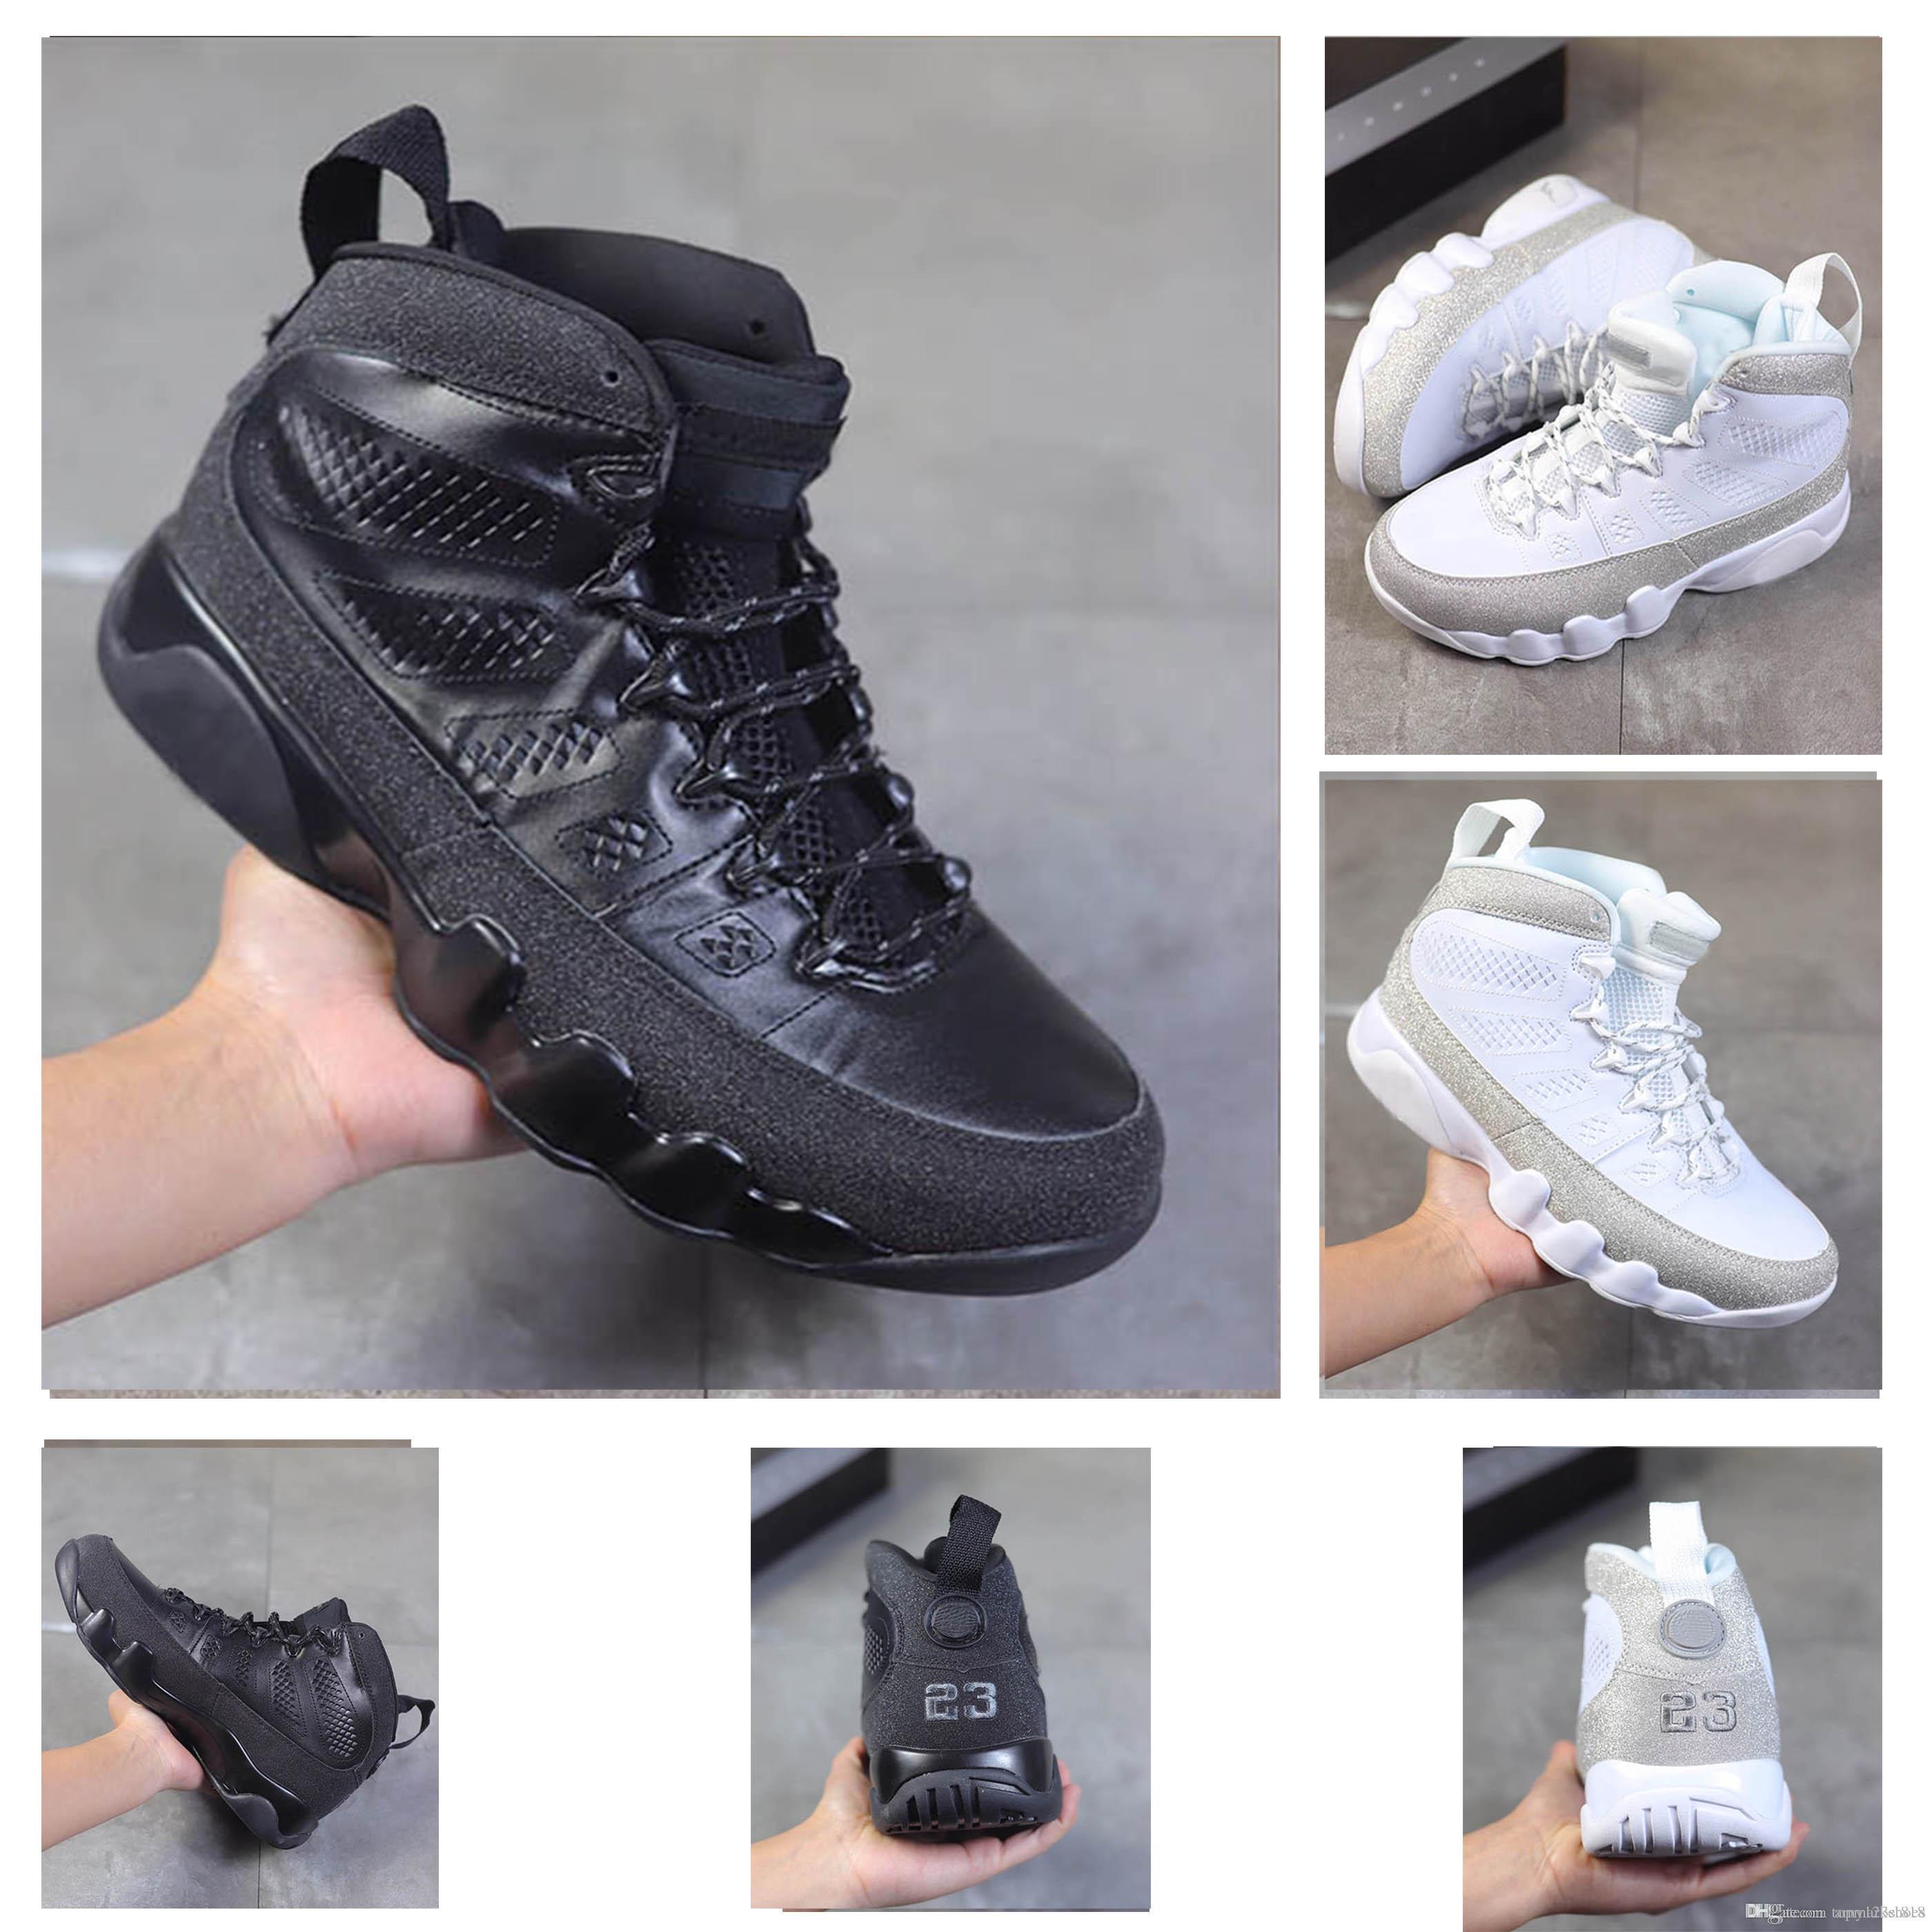 Son yüksek kalite 9 9S Erkek Basketbol Ayakkabı 11 WMNS Metalik Gümüş Tasarımcı Spor Sneakers boyutu Eur40-47